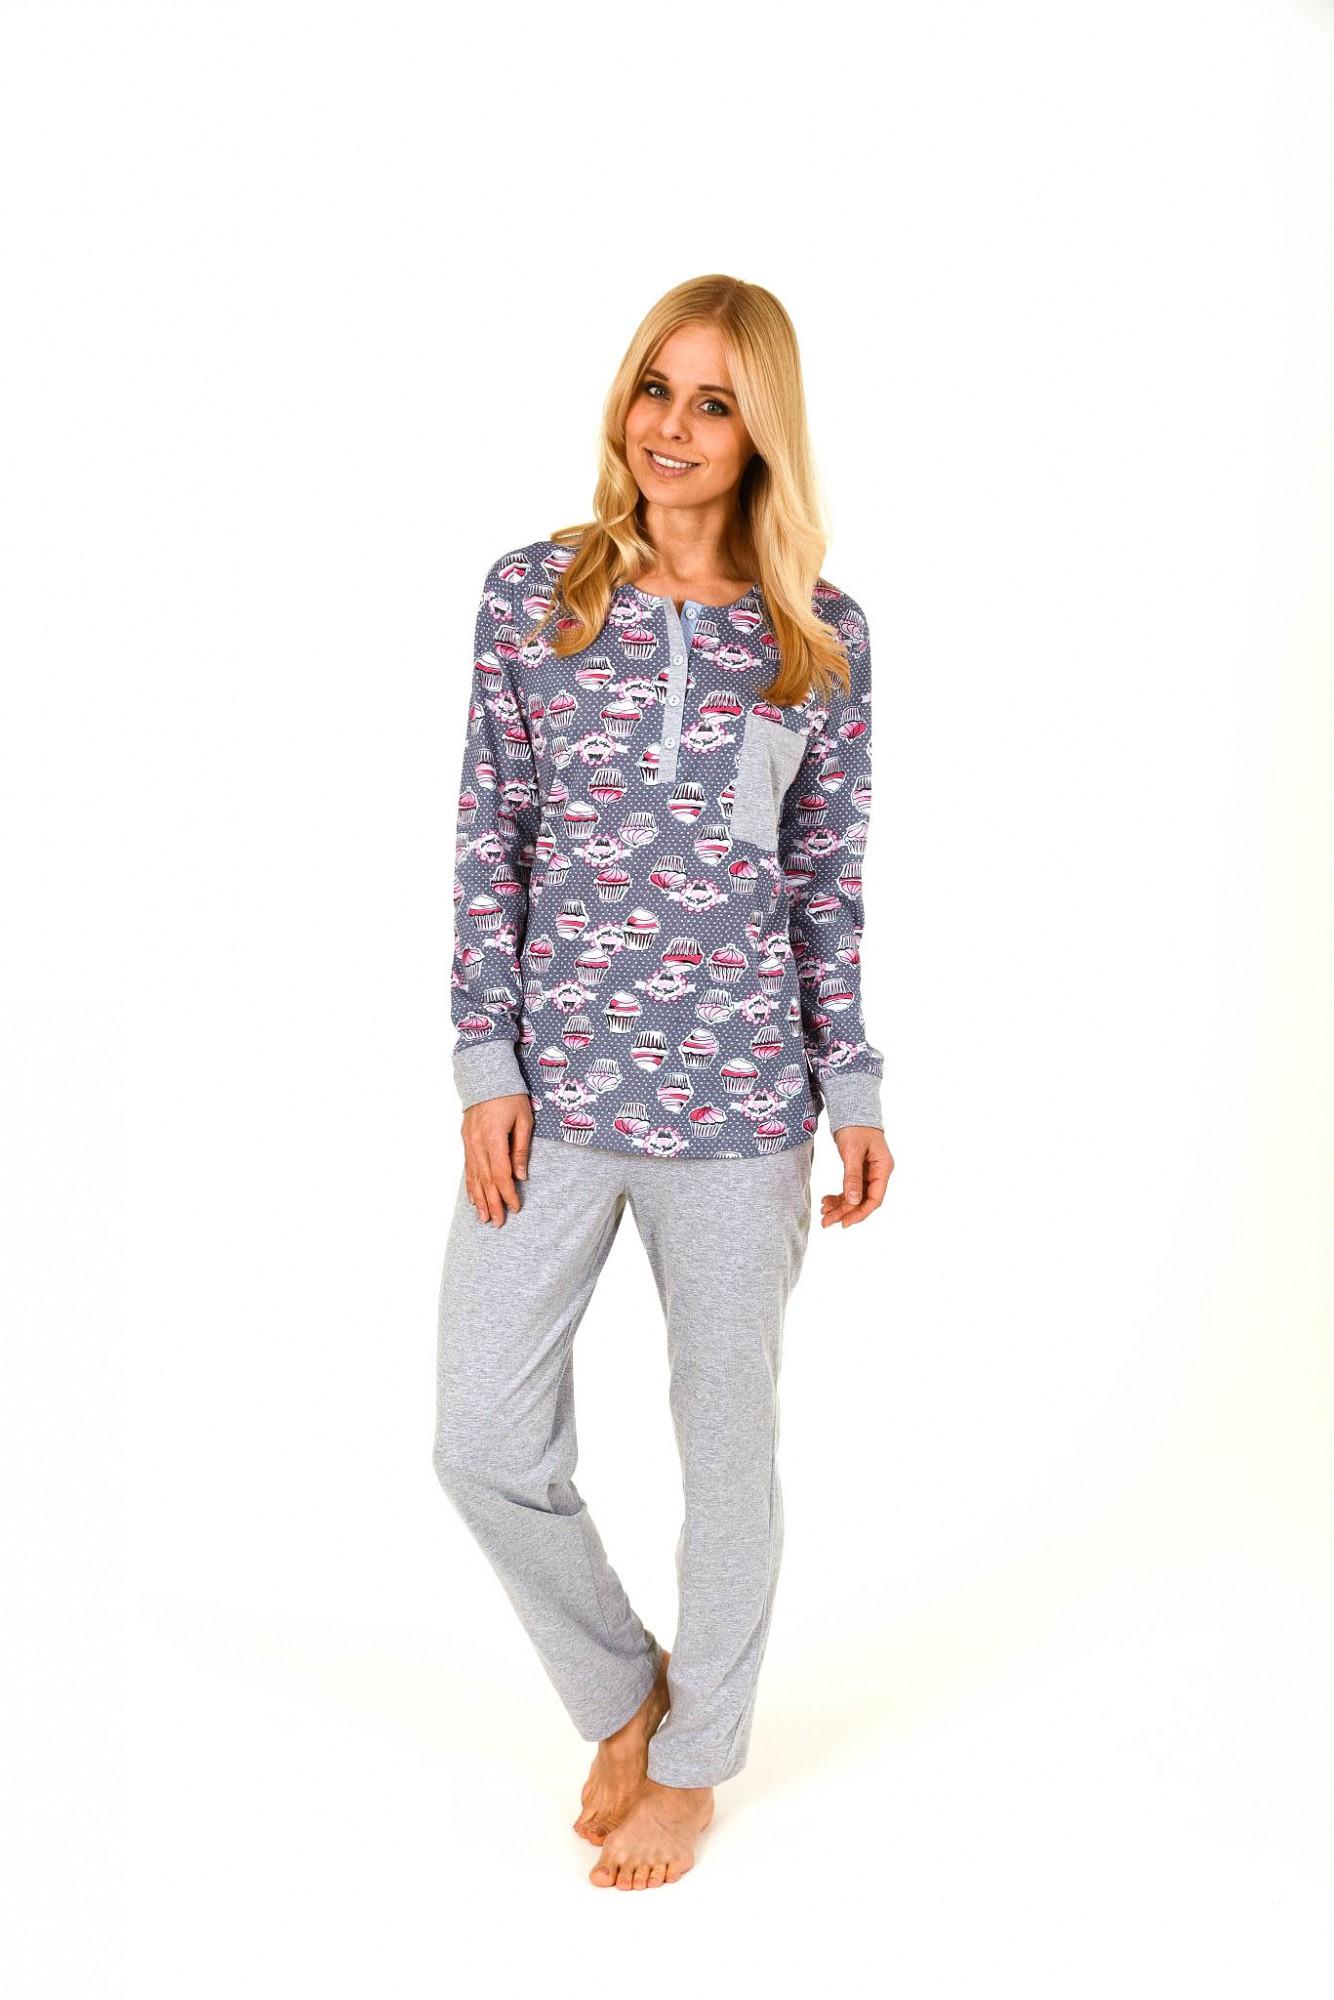 Damen Pyjama lang mit Bündchen und Cupcake-Druck – 261 201 90 193 001